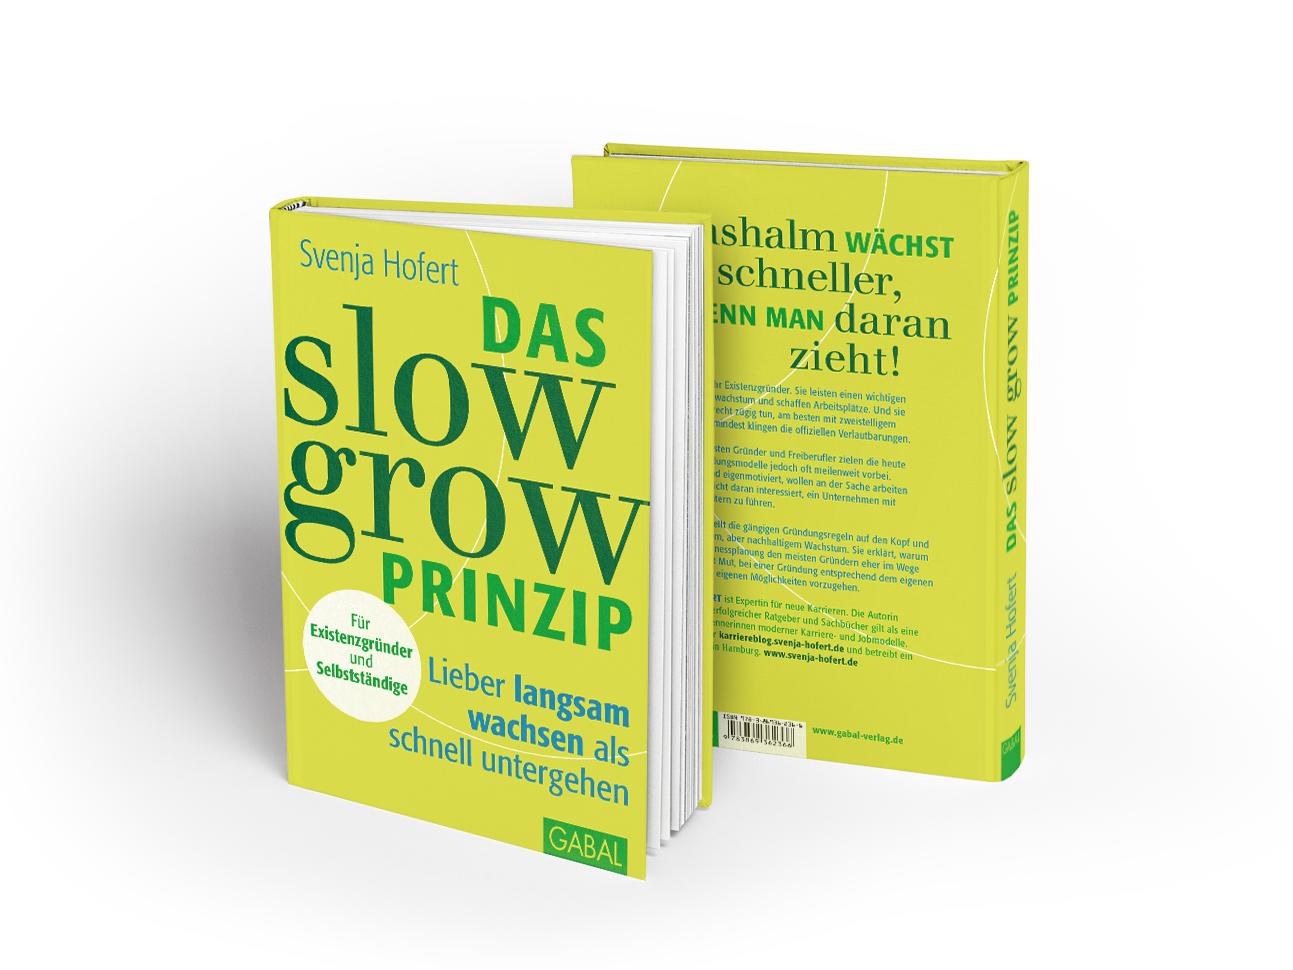 martin_zech_design_buchcovergestaltung_gabal_verlag_svenja_hofert_slow_grow